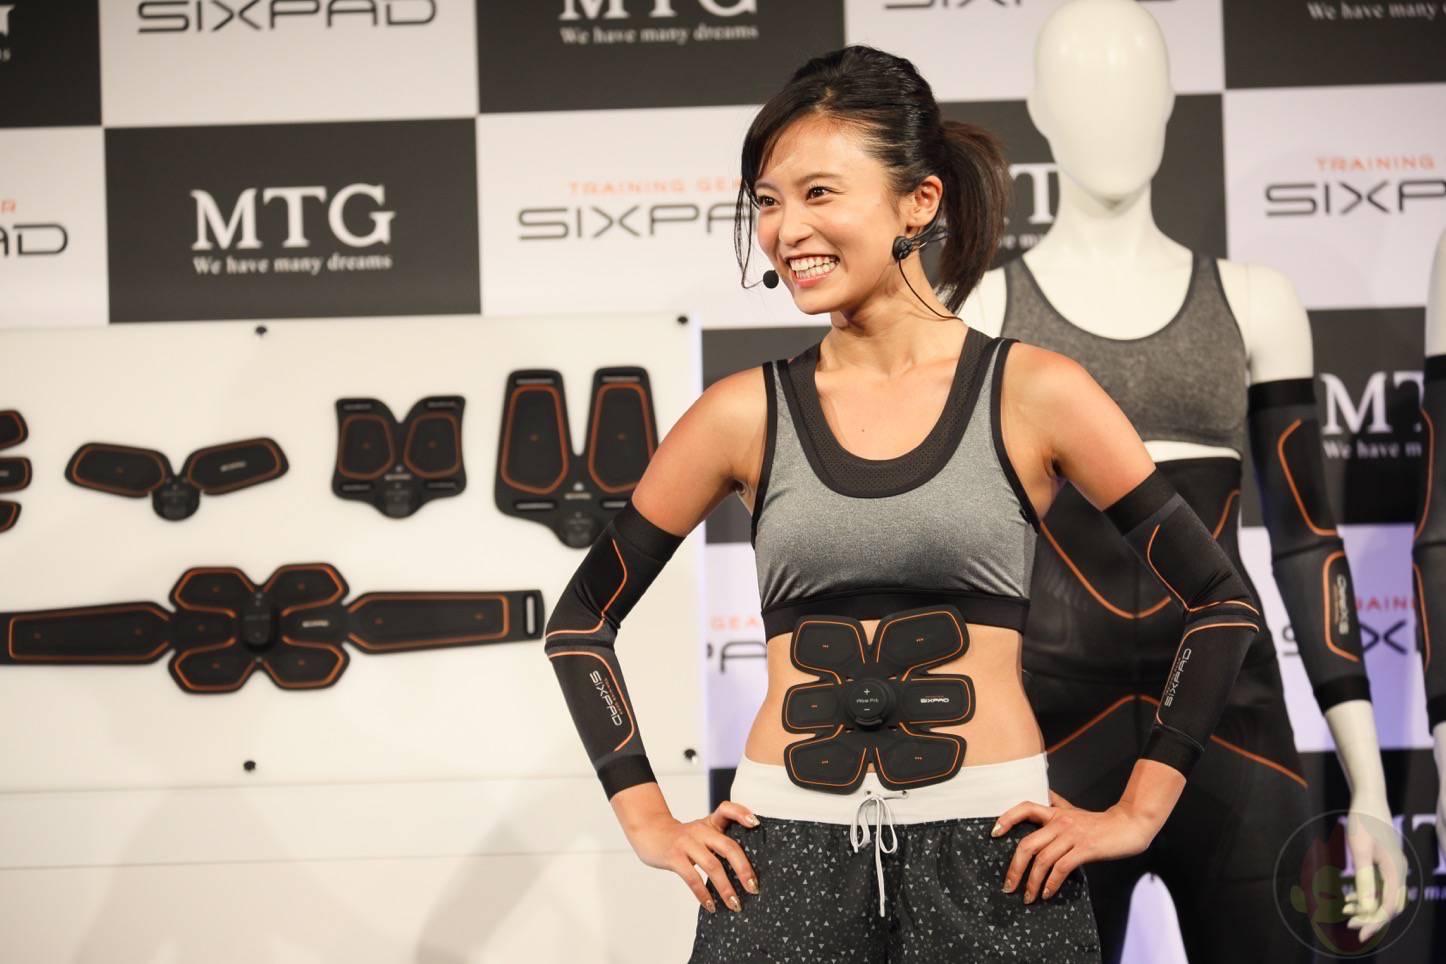 MTG-SIXPAD-New-Products-KojiRuri-Ishikawa-87.jpg